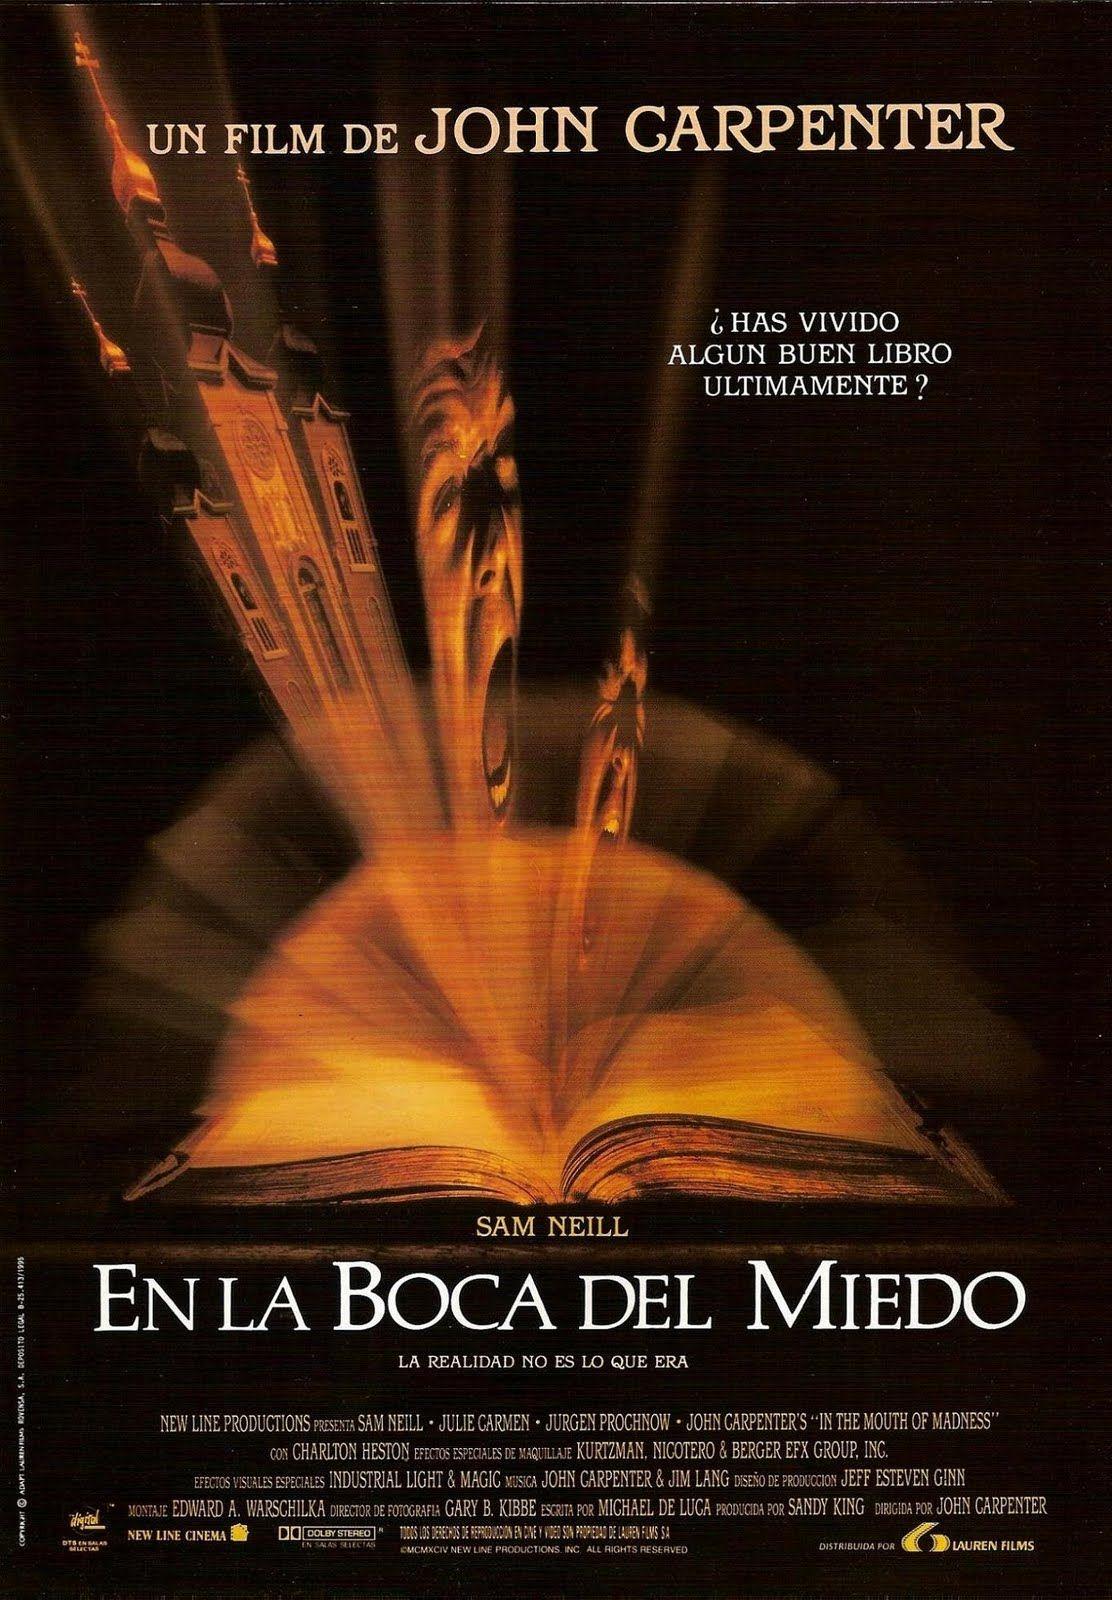 En la boca del miedo / In the mouth of madness (1995)